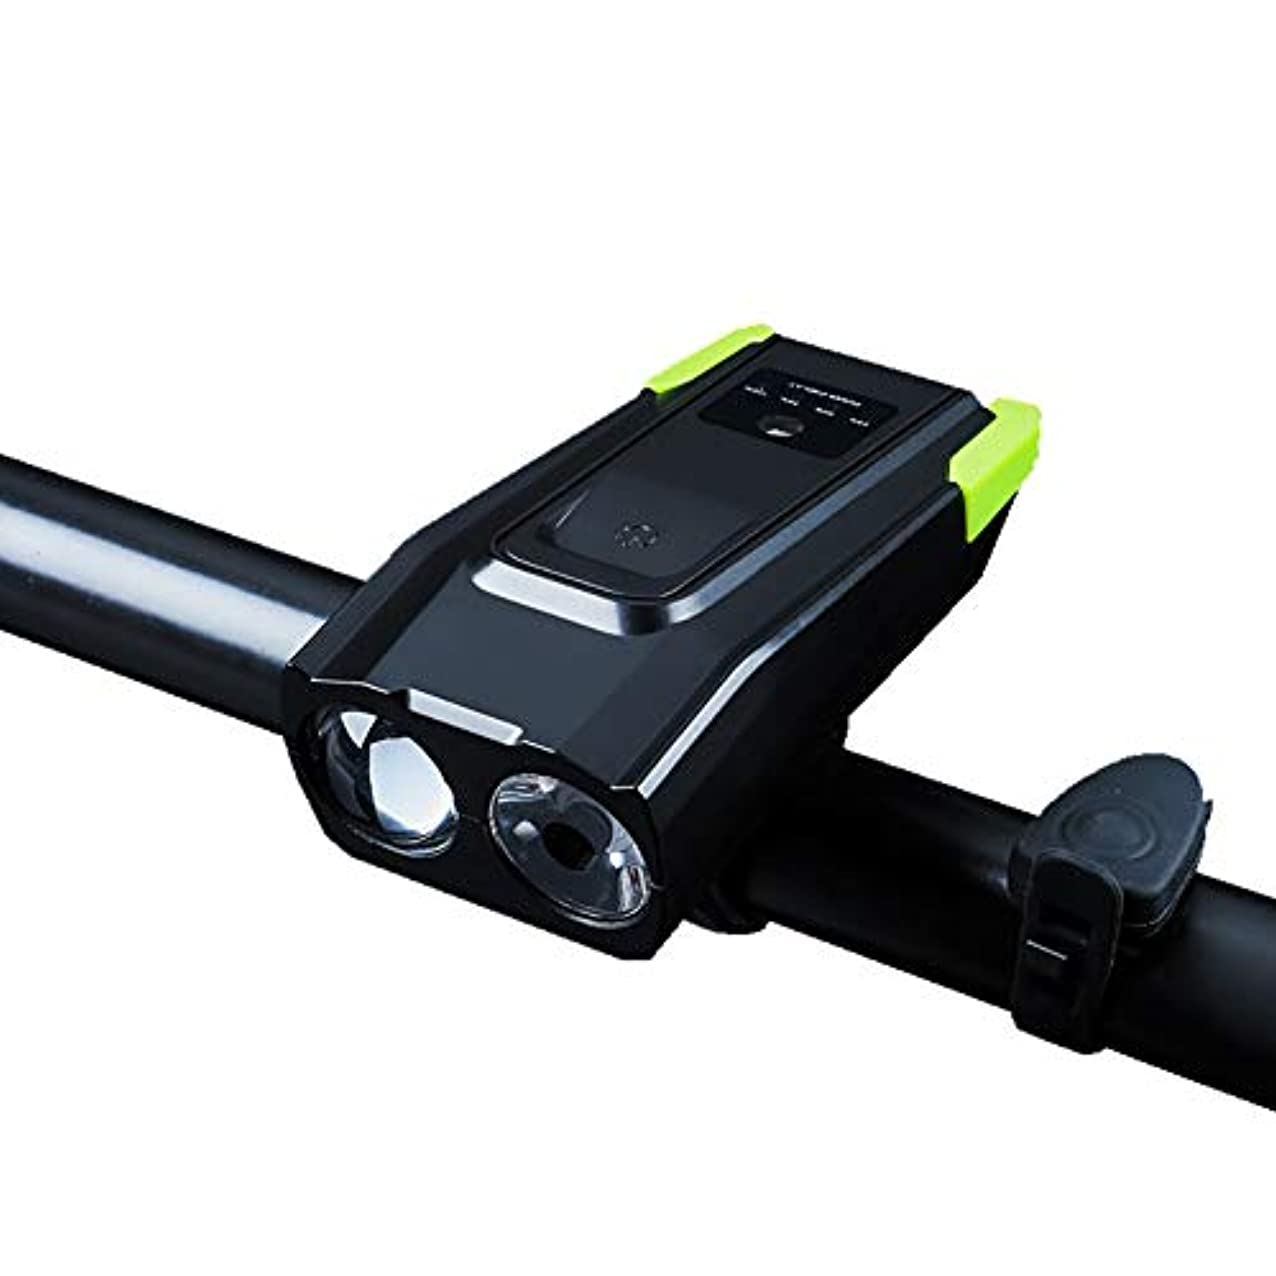 ラウンジタオルストライドLED自転車ライト、充電式スーパーブライトIPX6防水自転車アクセサリーホーンスピーカー4000mAh 800ルーメングレアフラッシュライト